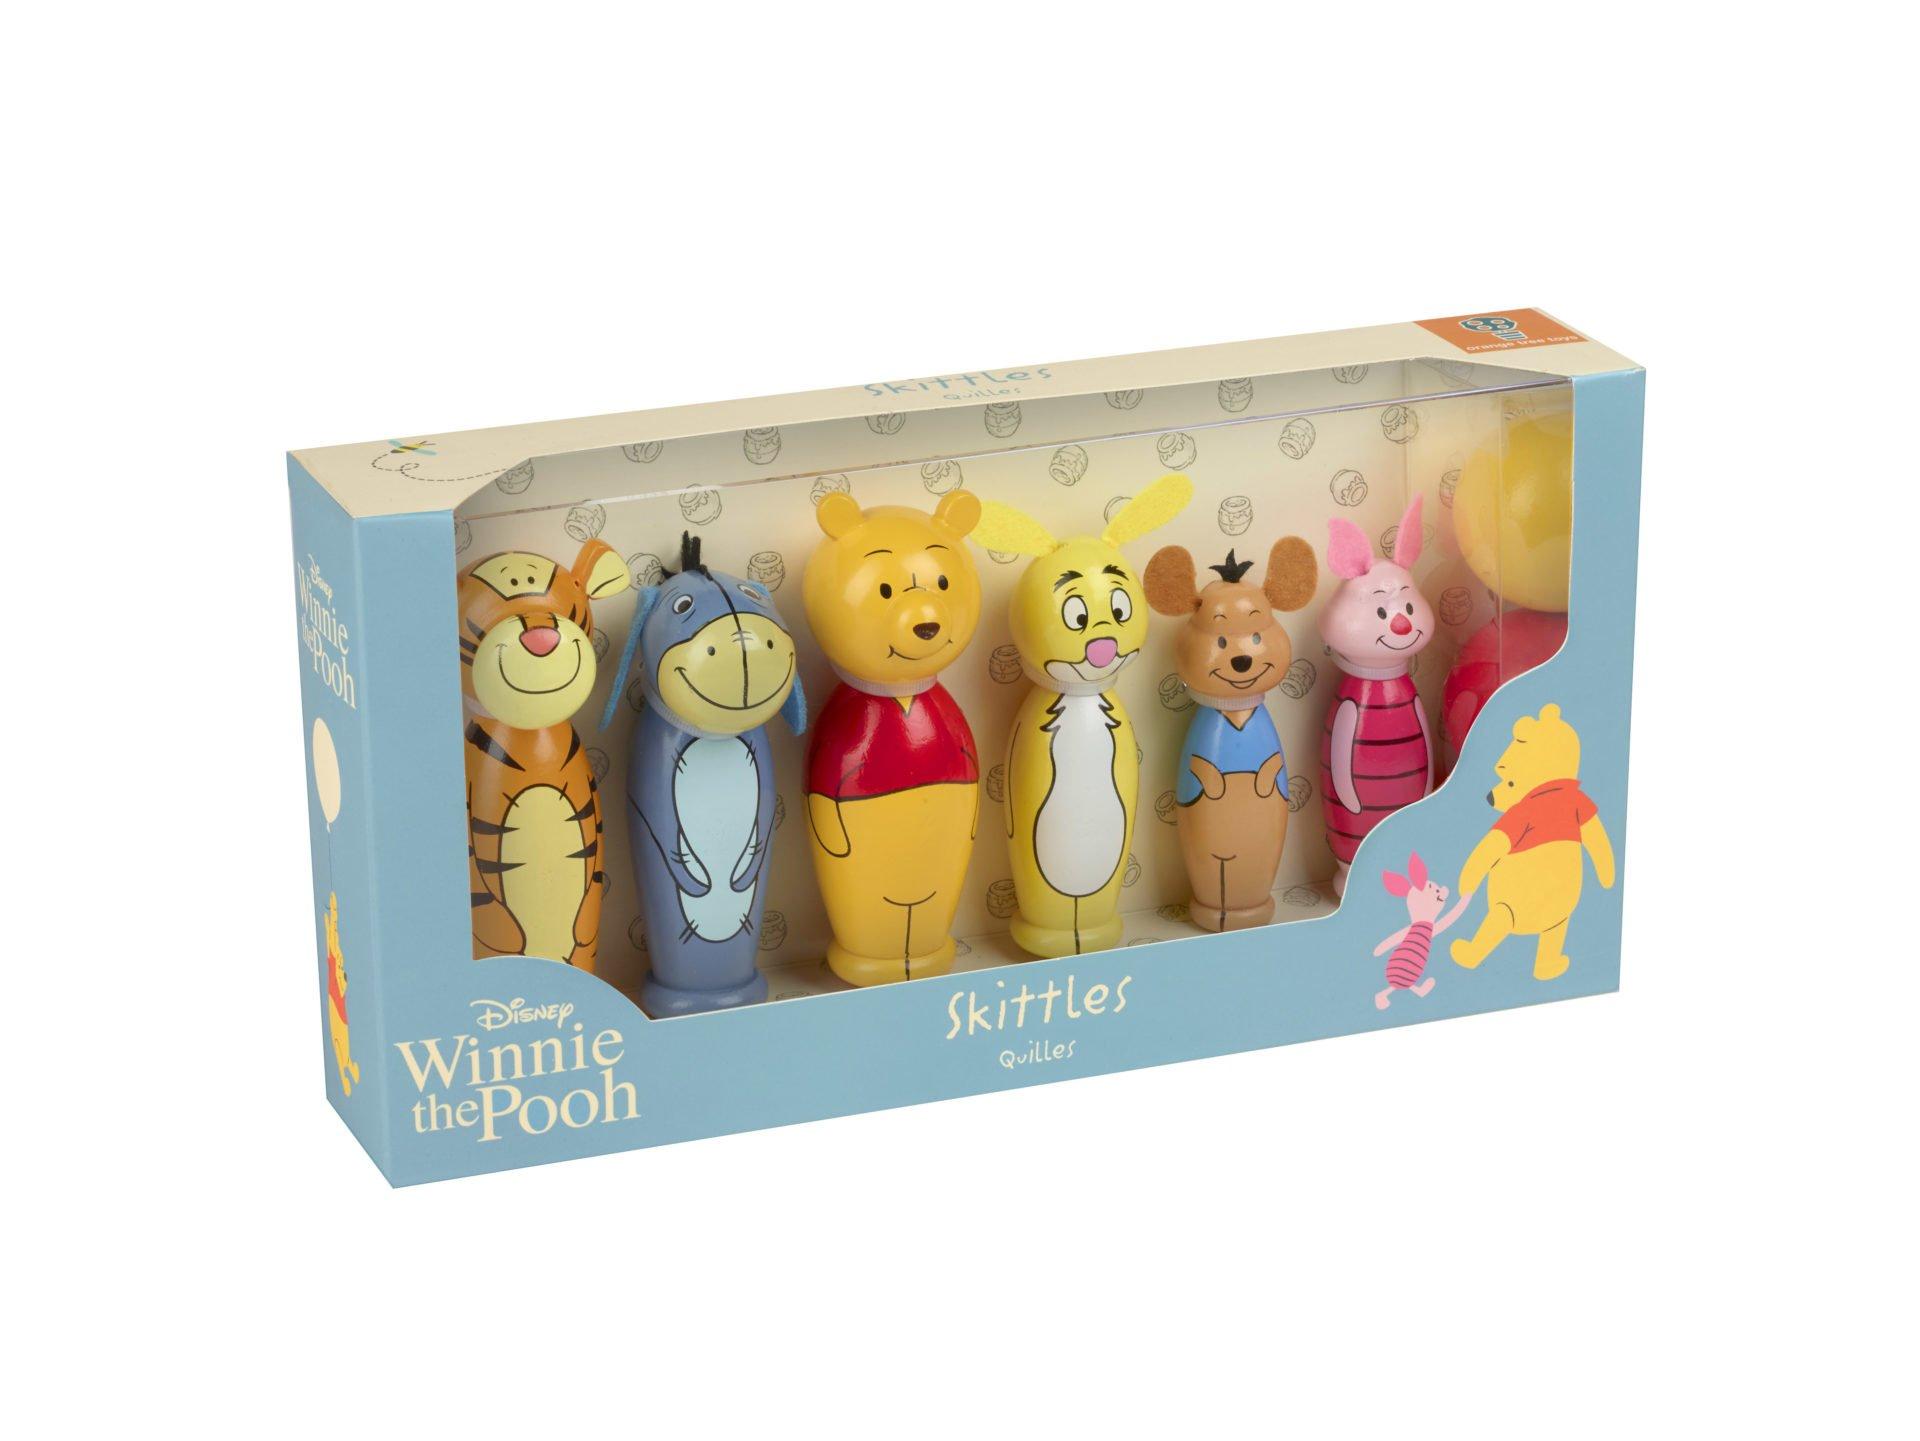 winnie the pooh skittles set